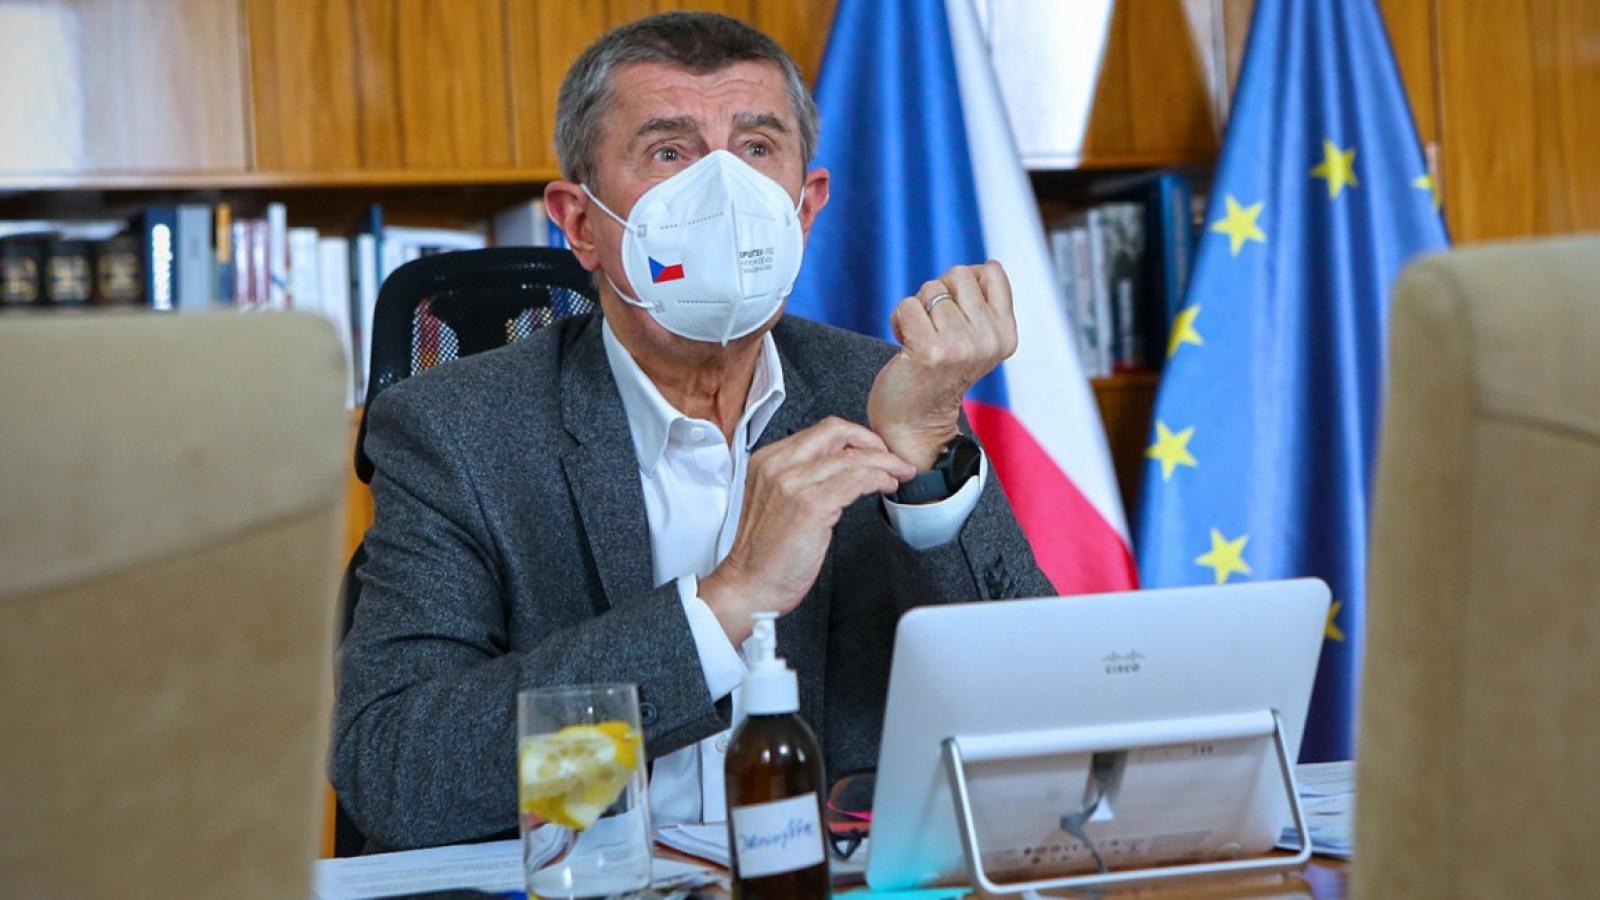 Ủy ban châu Âu khẳng định Thủ tướng Séc có xung đột lợi ích